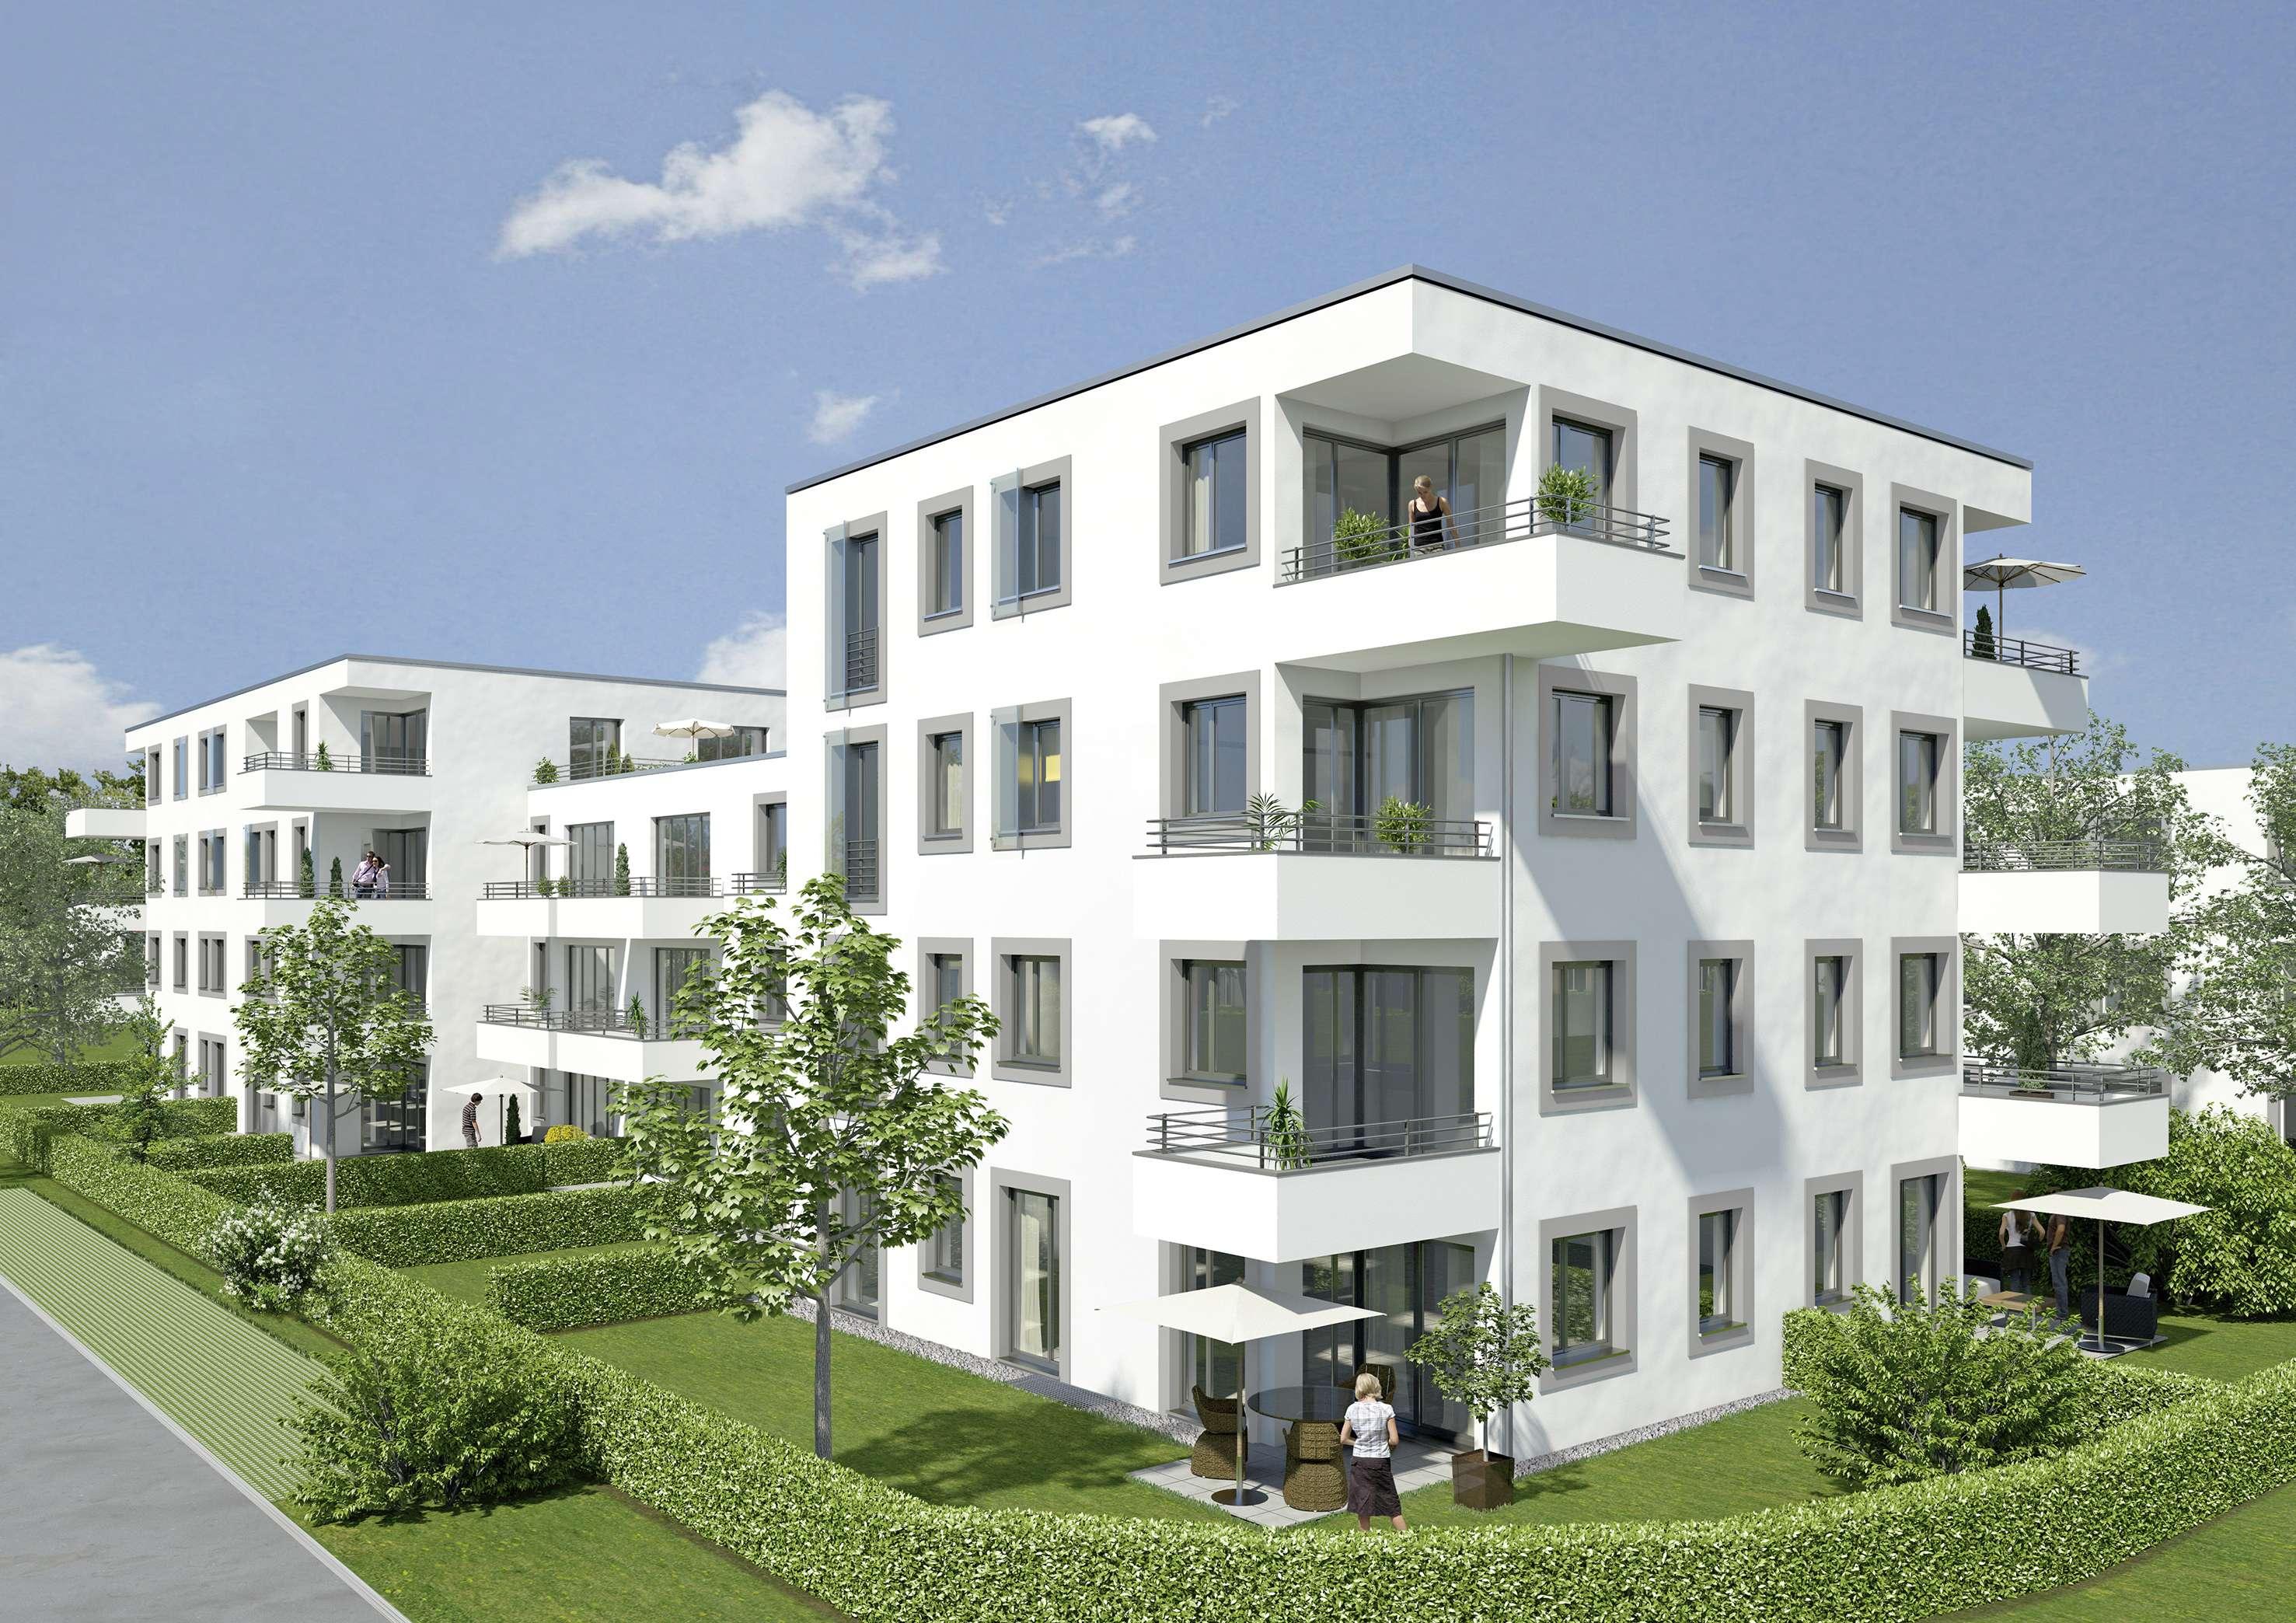 Schöne 2 Zimmer-Wohnung mit TG STP, schicker Einbauküche und Balkon im beliebten Candis Areal in Ostenviertel (Regensburg)